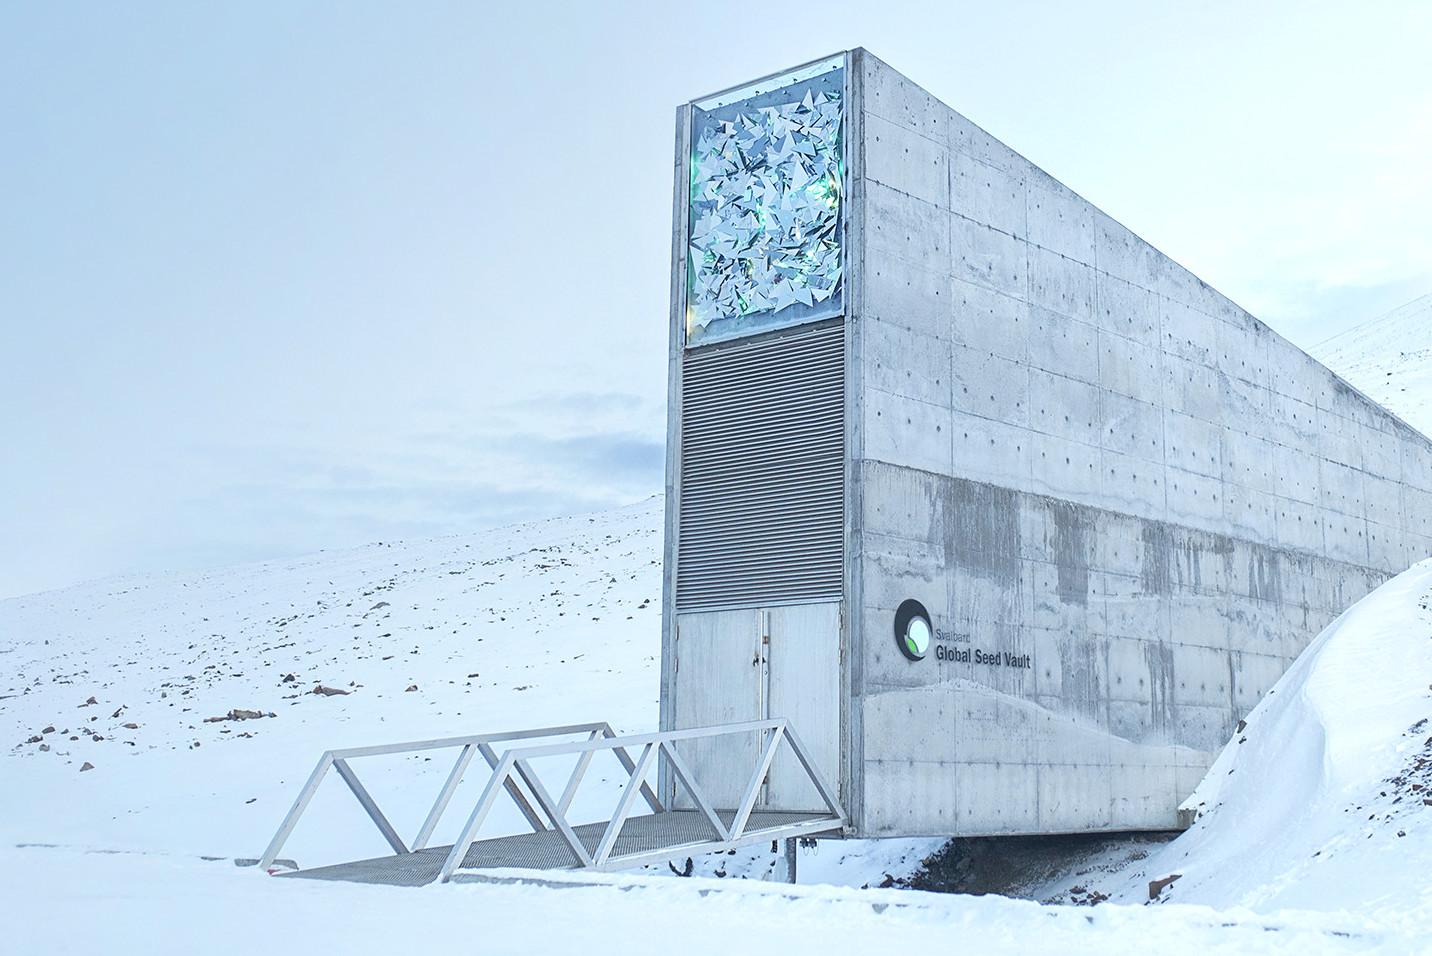 Хранилище судного дня на Шпицбергене, Бункер на Шпицберген, бункер семян в Норвегии, бункер с семенами в Арктике, хранилище мирового наследия в Арктике